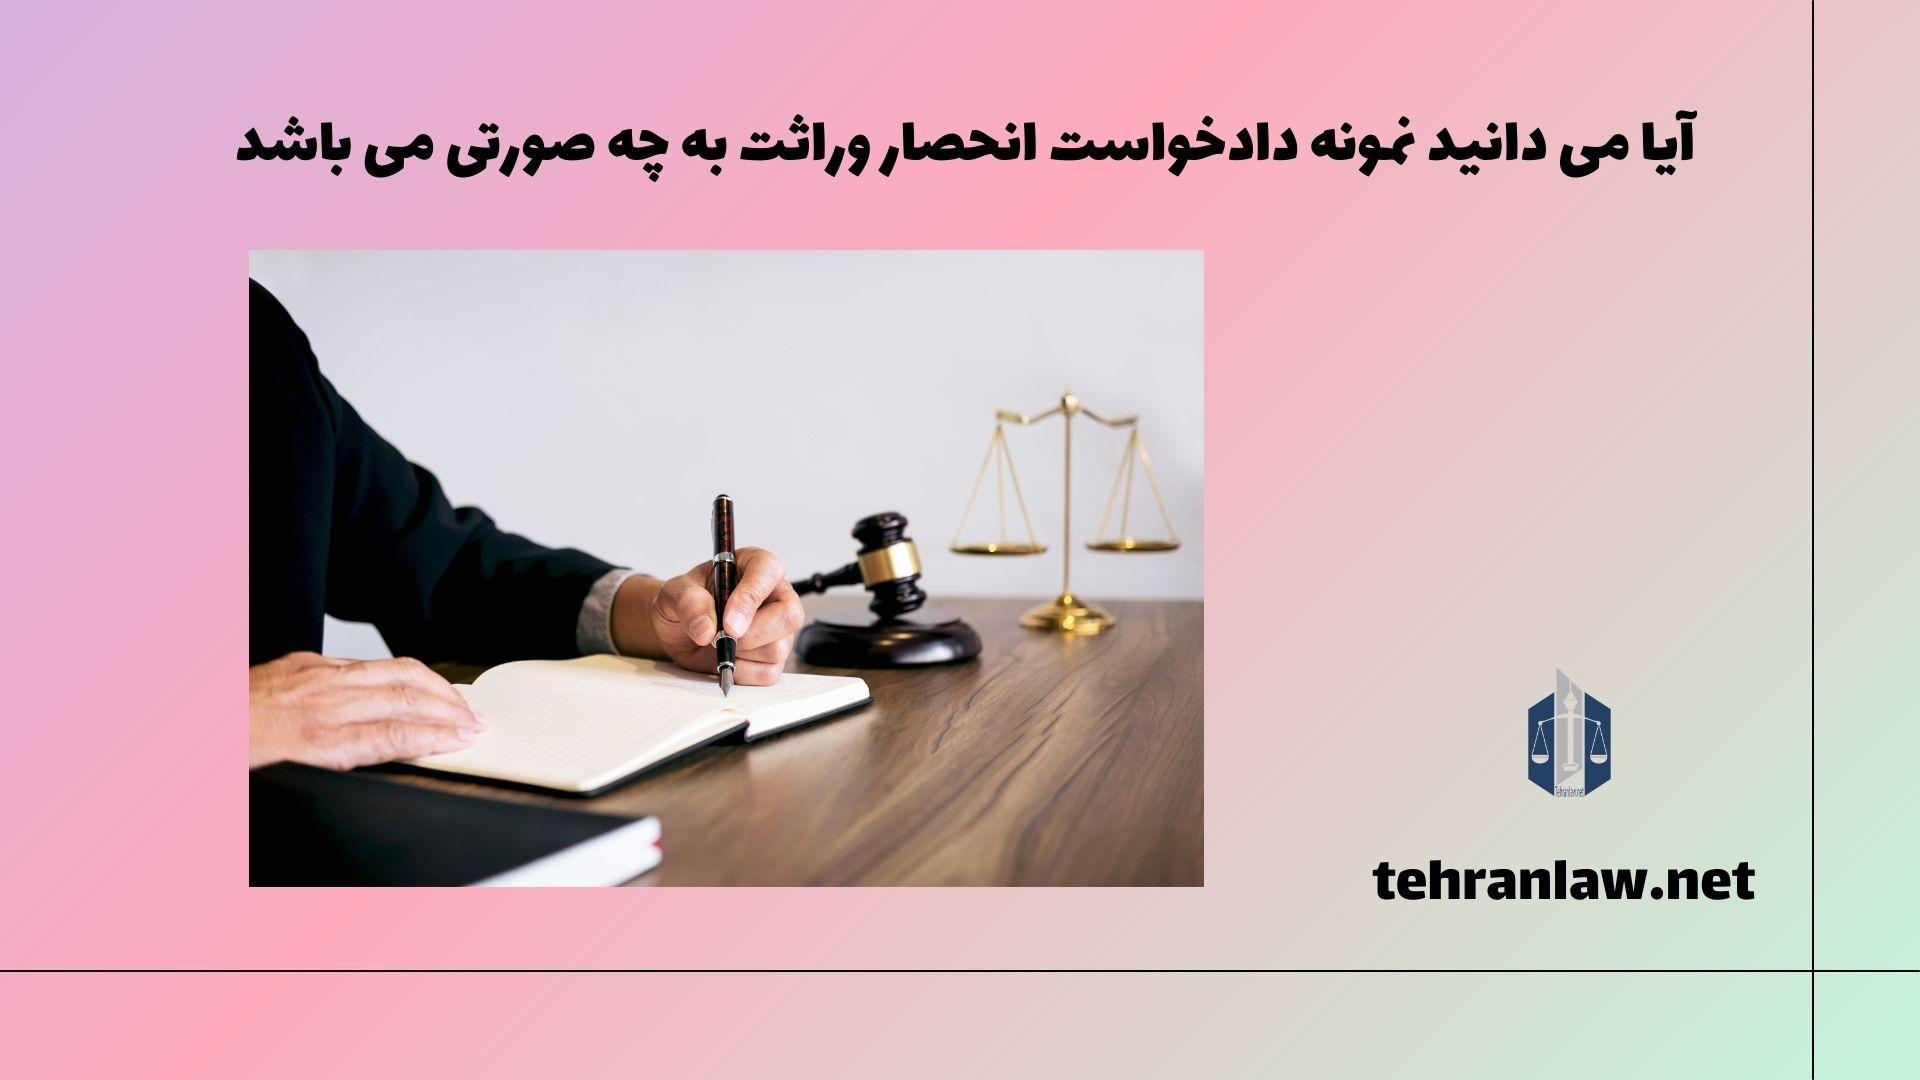 آیا می دانید که نمونه دادخواست انحصار وراثت به چه صورتی می باشد؟